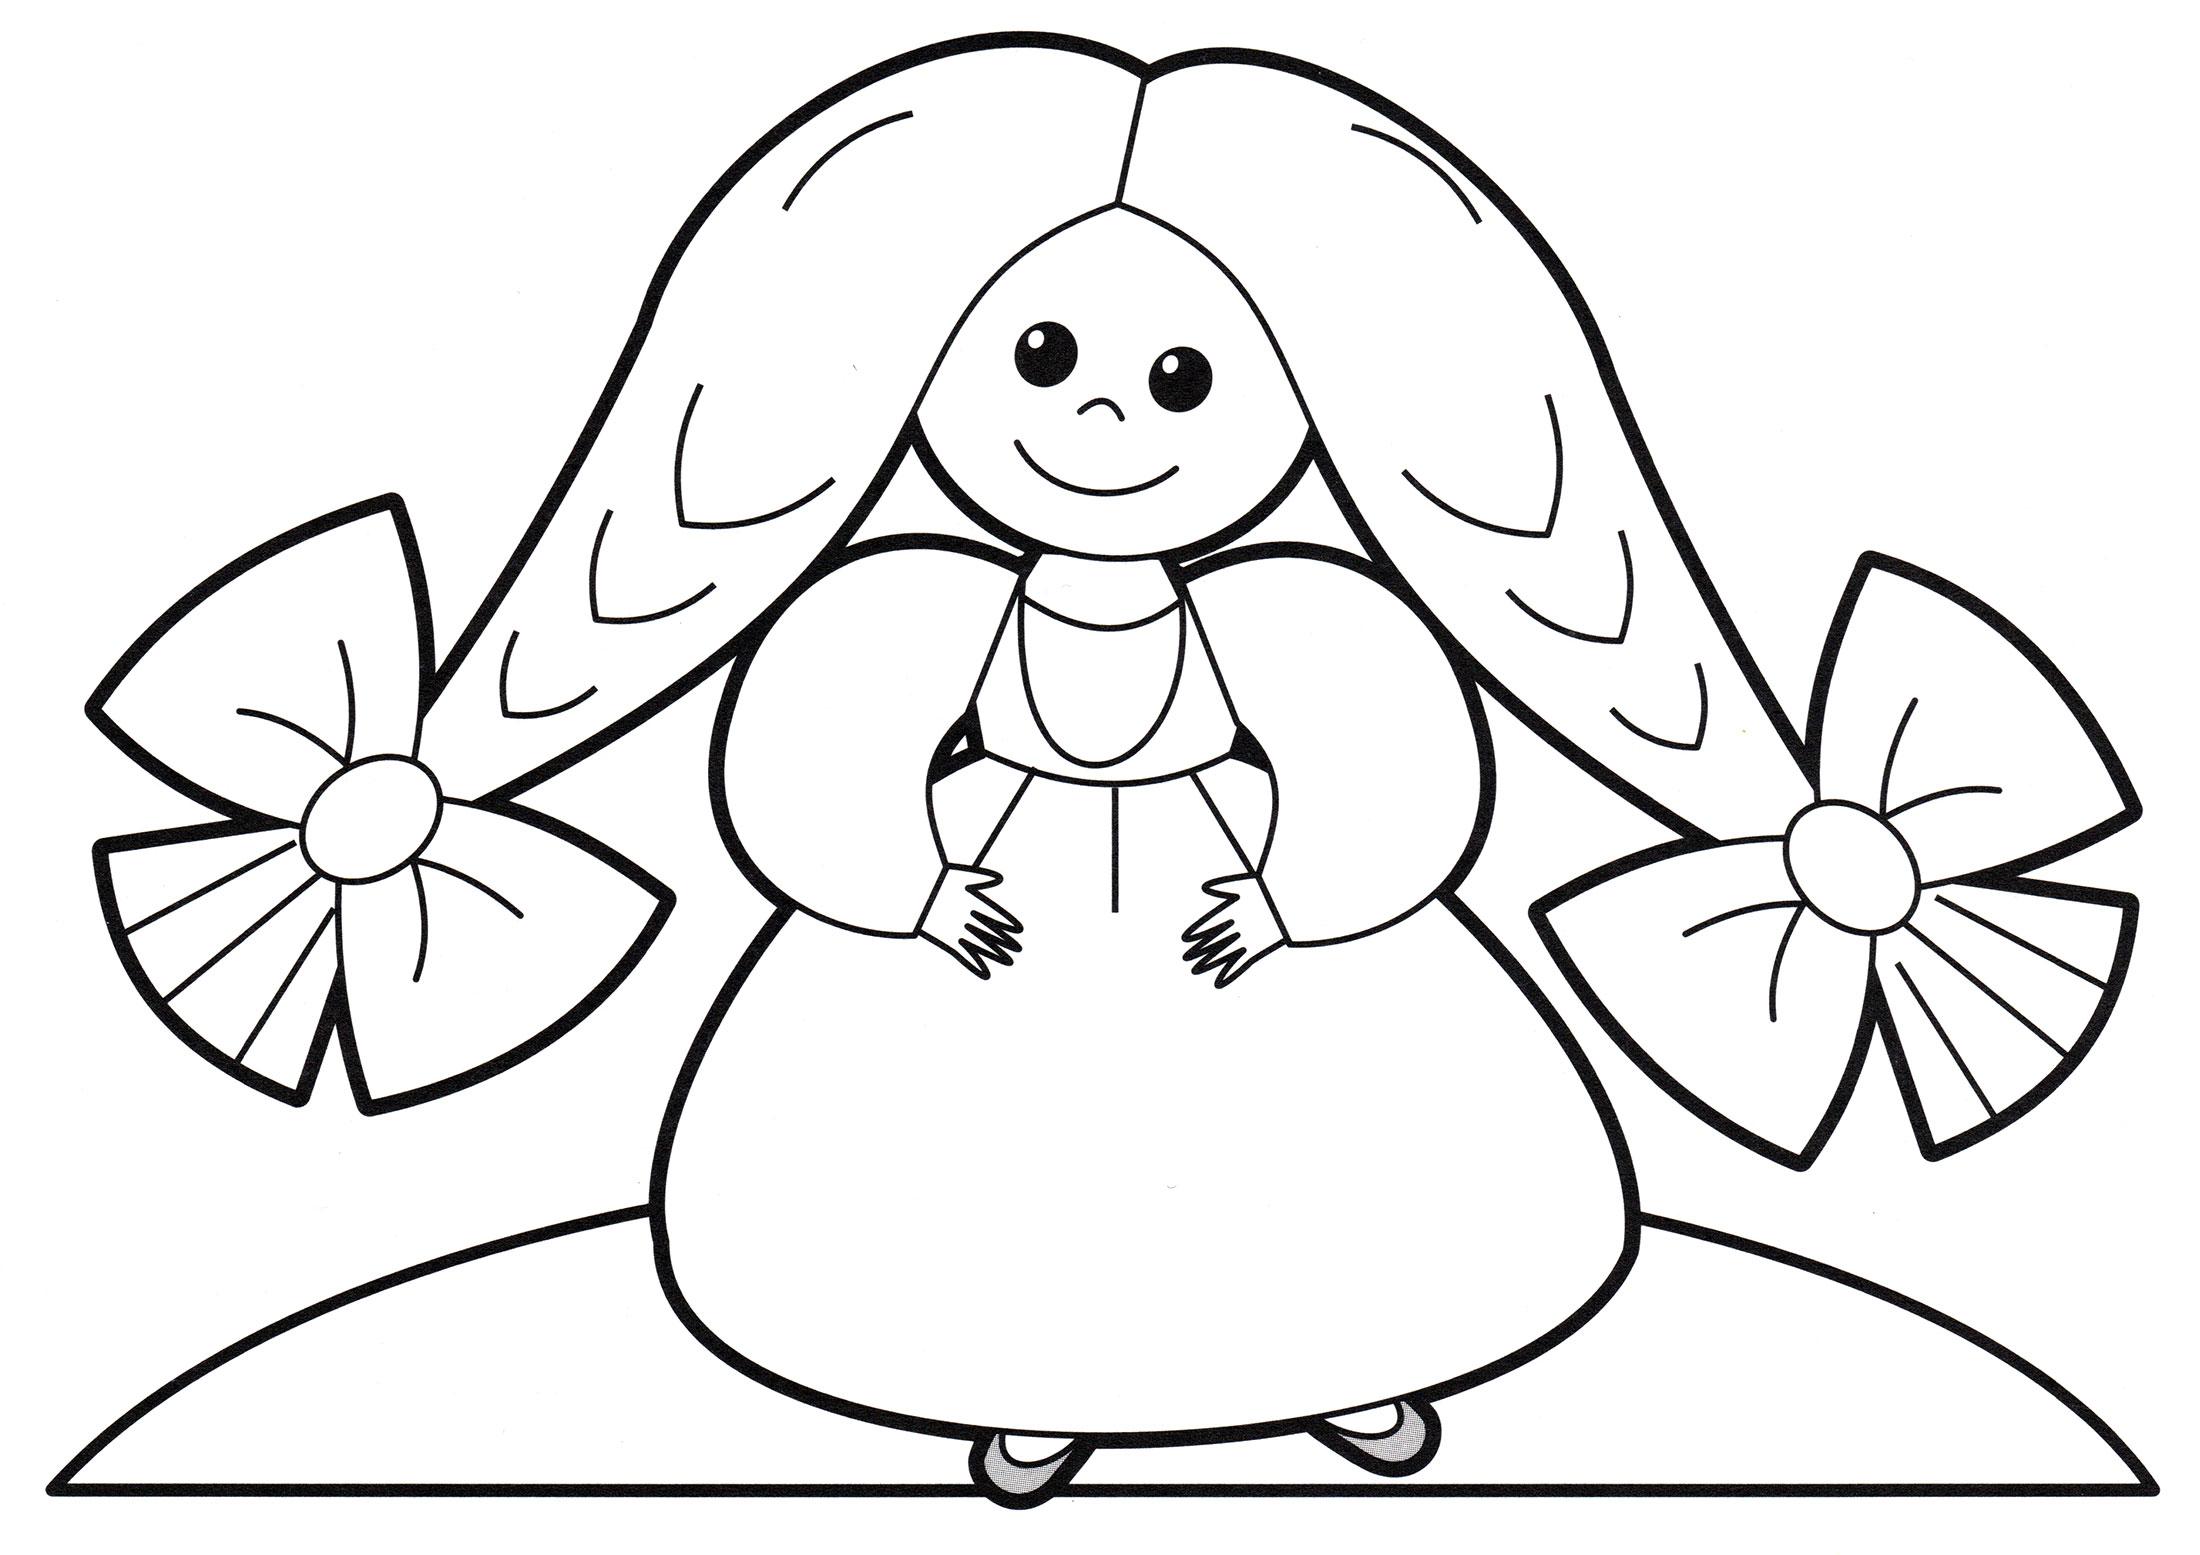 Раскраска Принцесса с бантиками - распечатать бесплатно